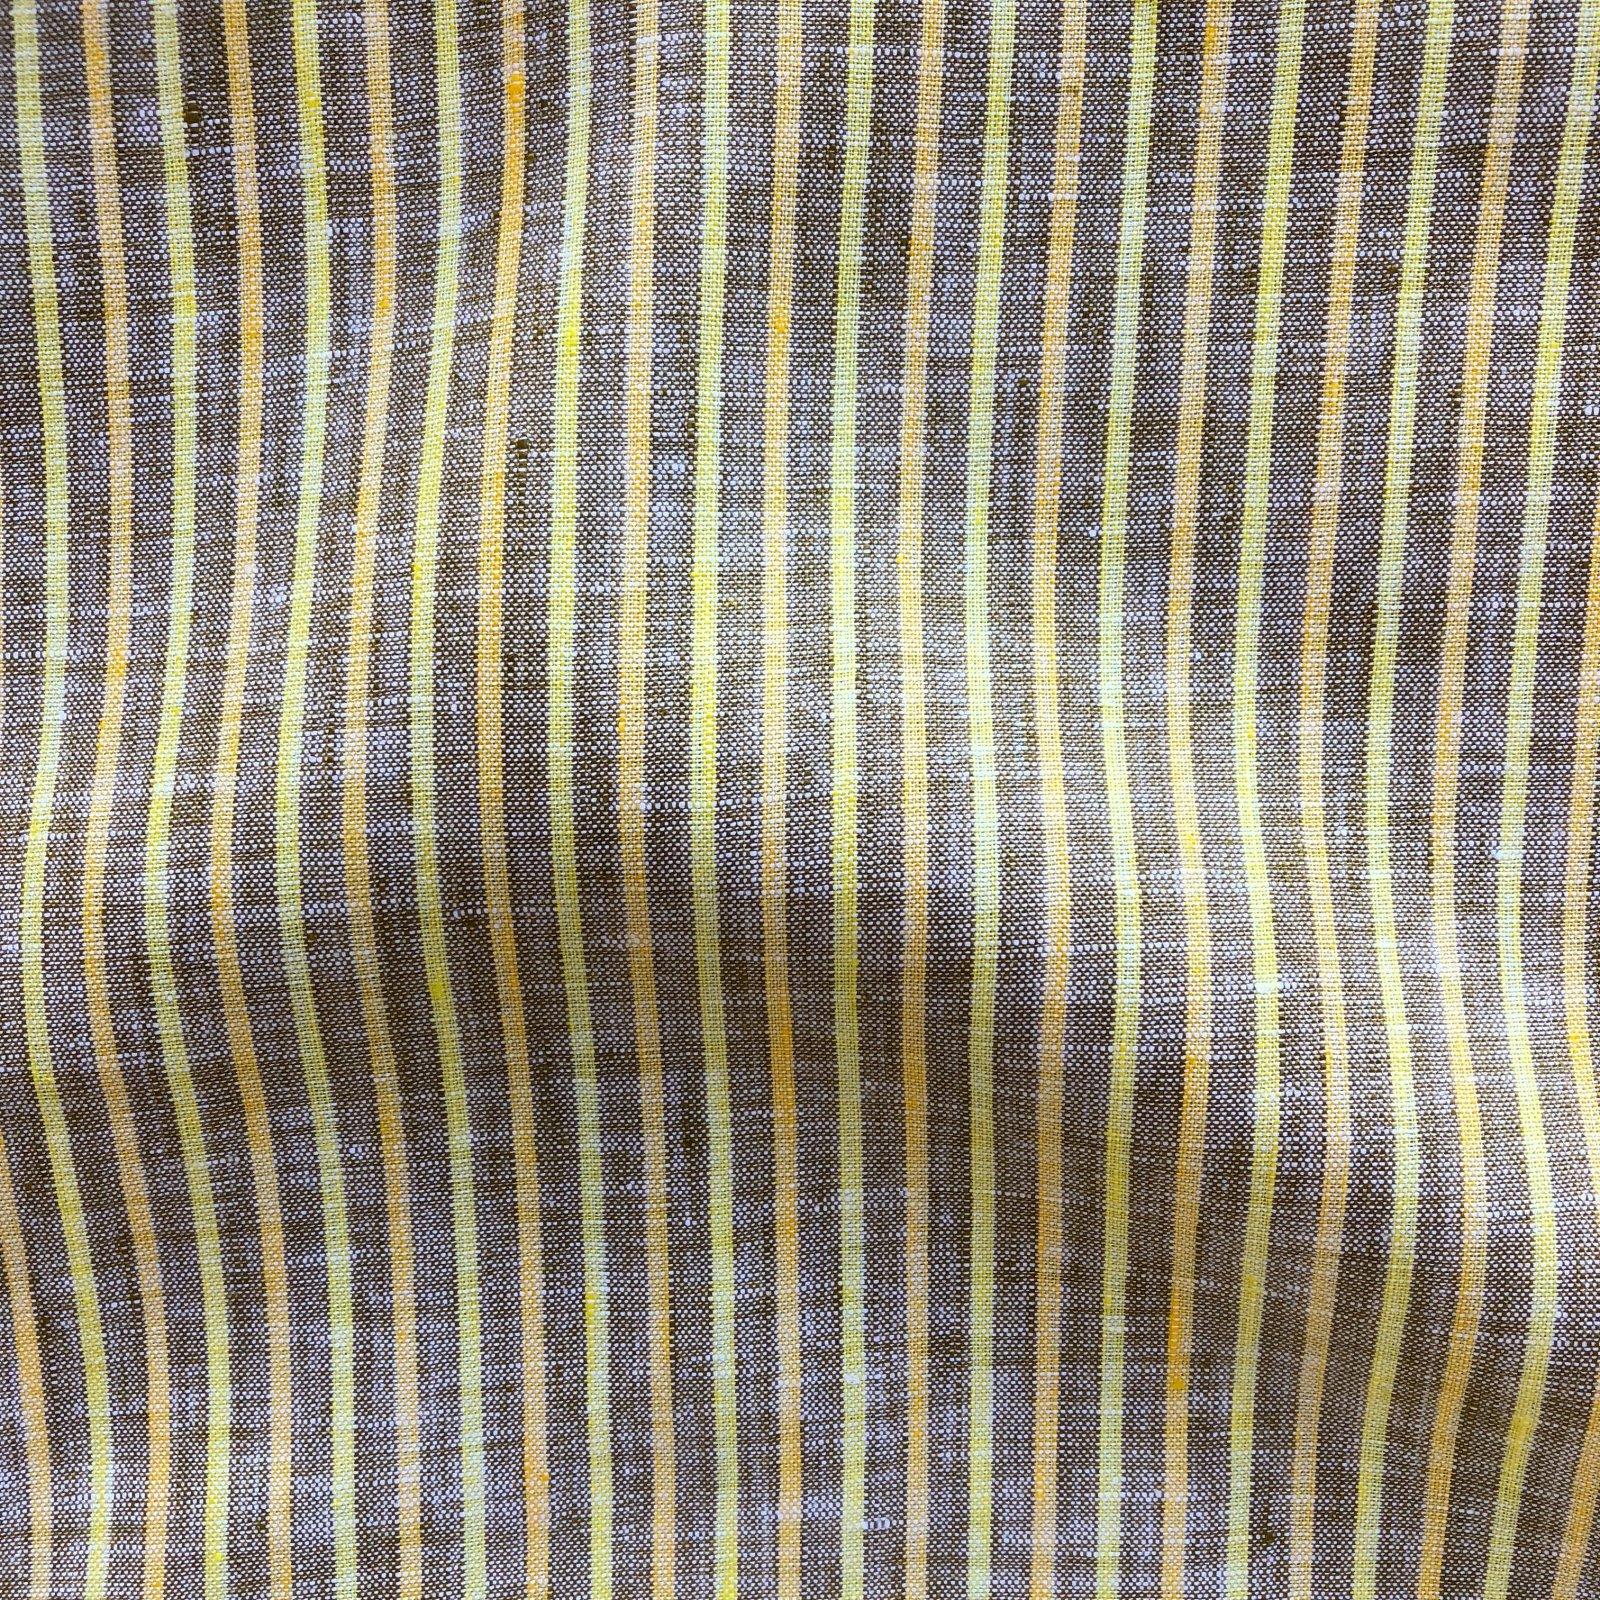 Bazaar Yarn Dyed Linen - Citrus/Tan Stripe